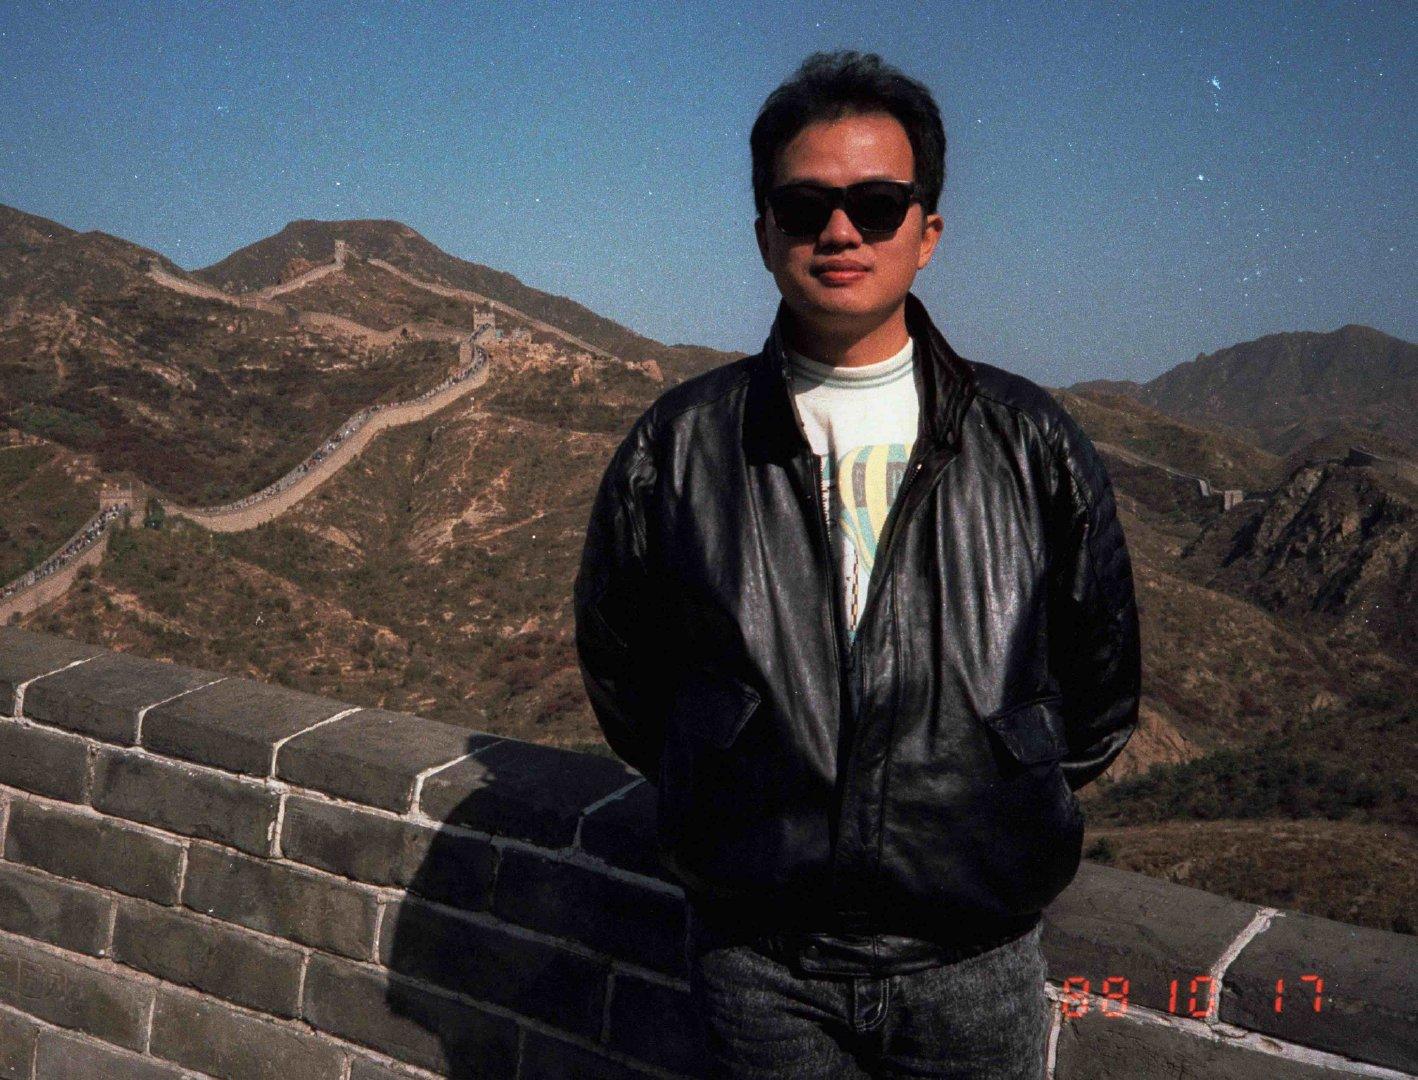 [摩天娱乐]资深摩天娱乐唱片监制王纪华离世曾为B图片